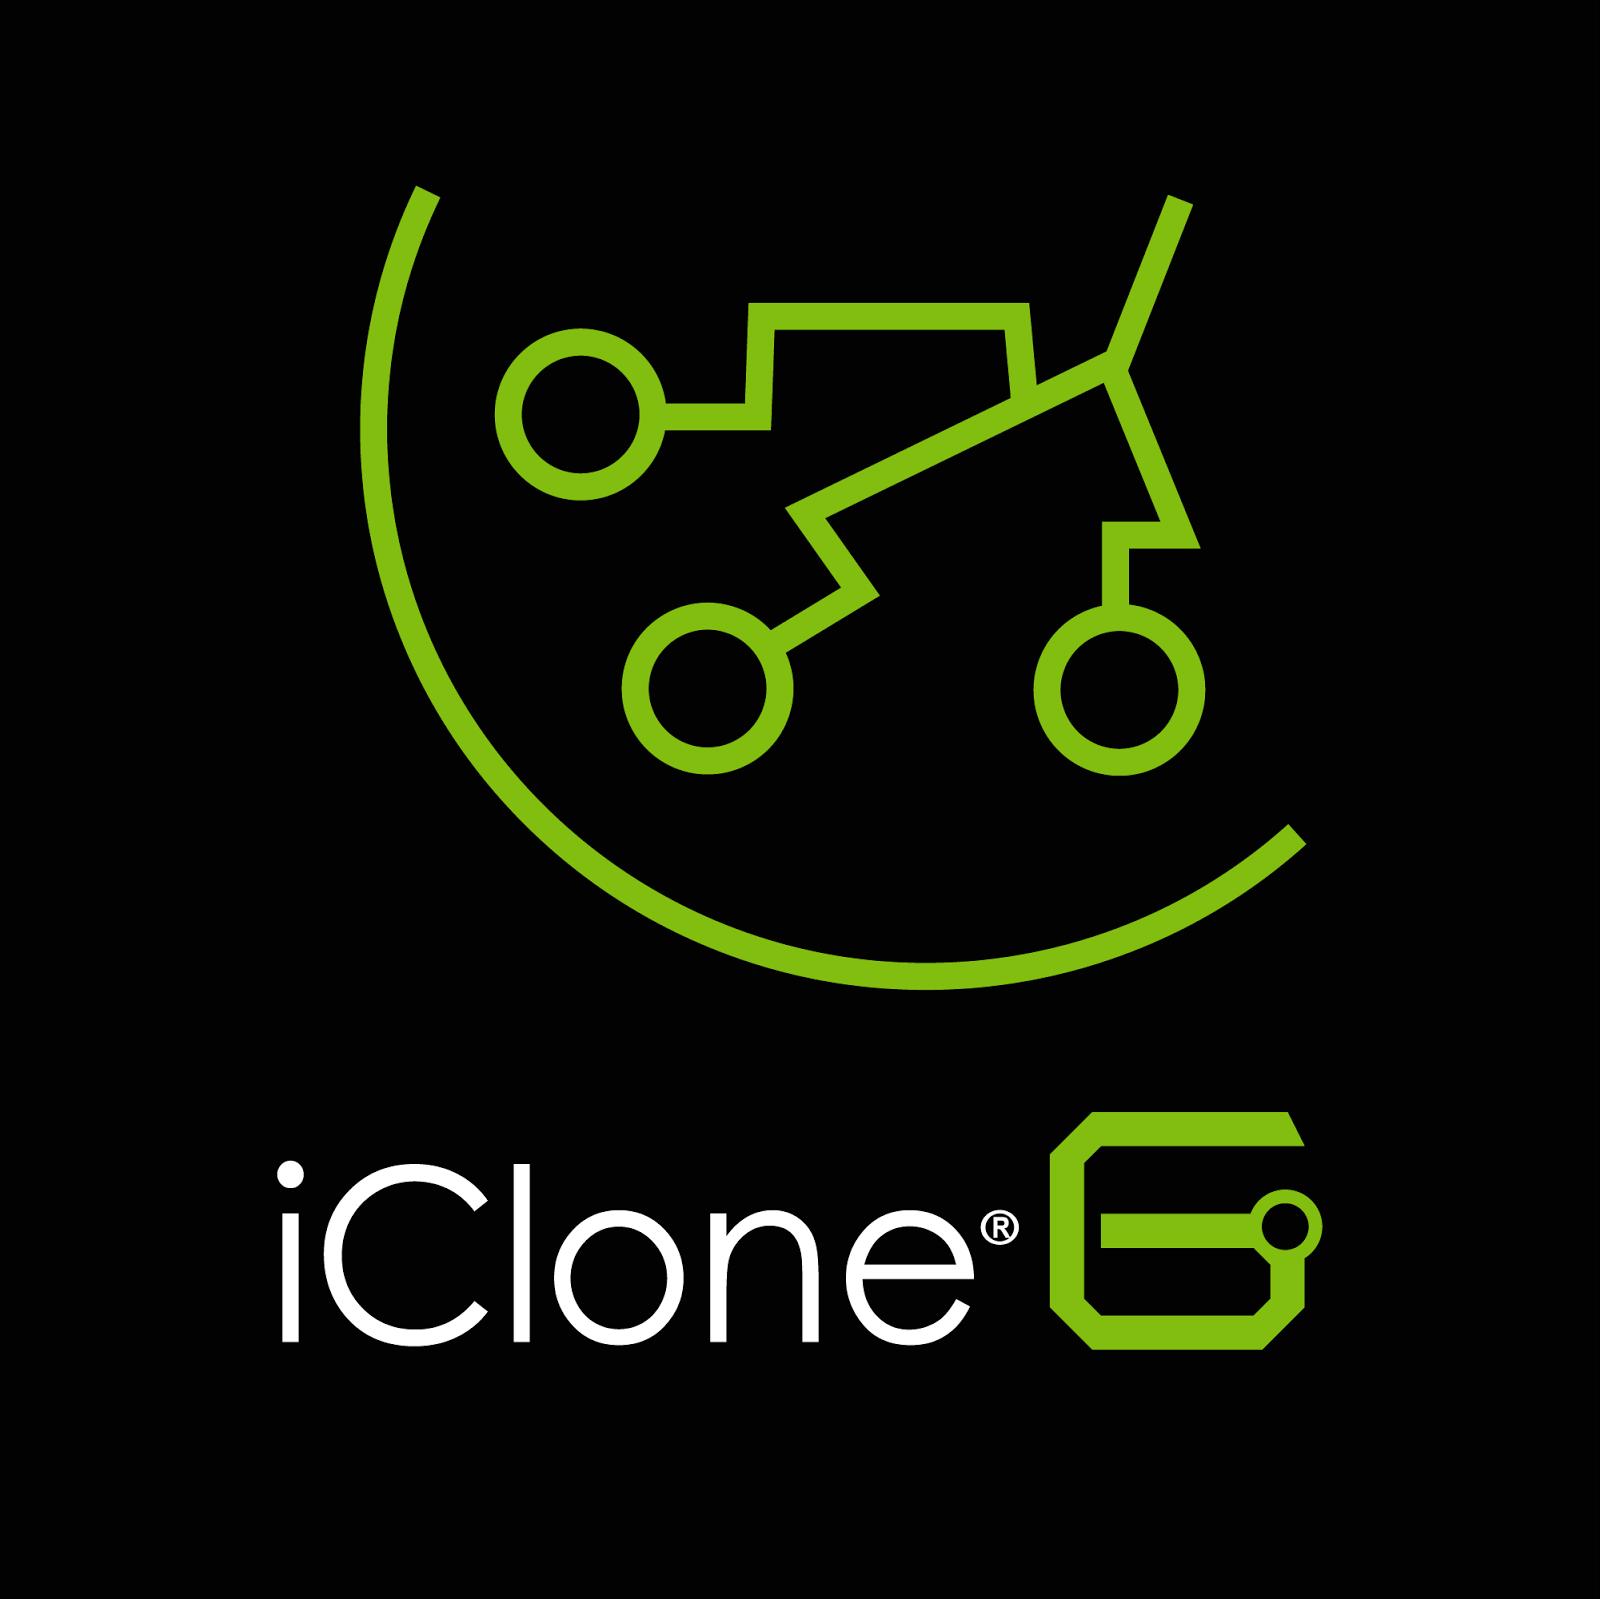 Iclone 6